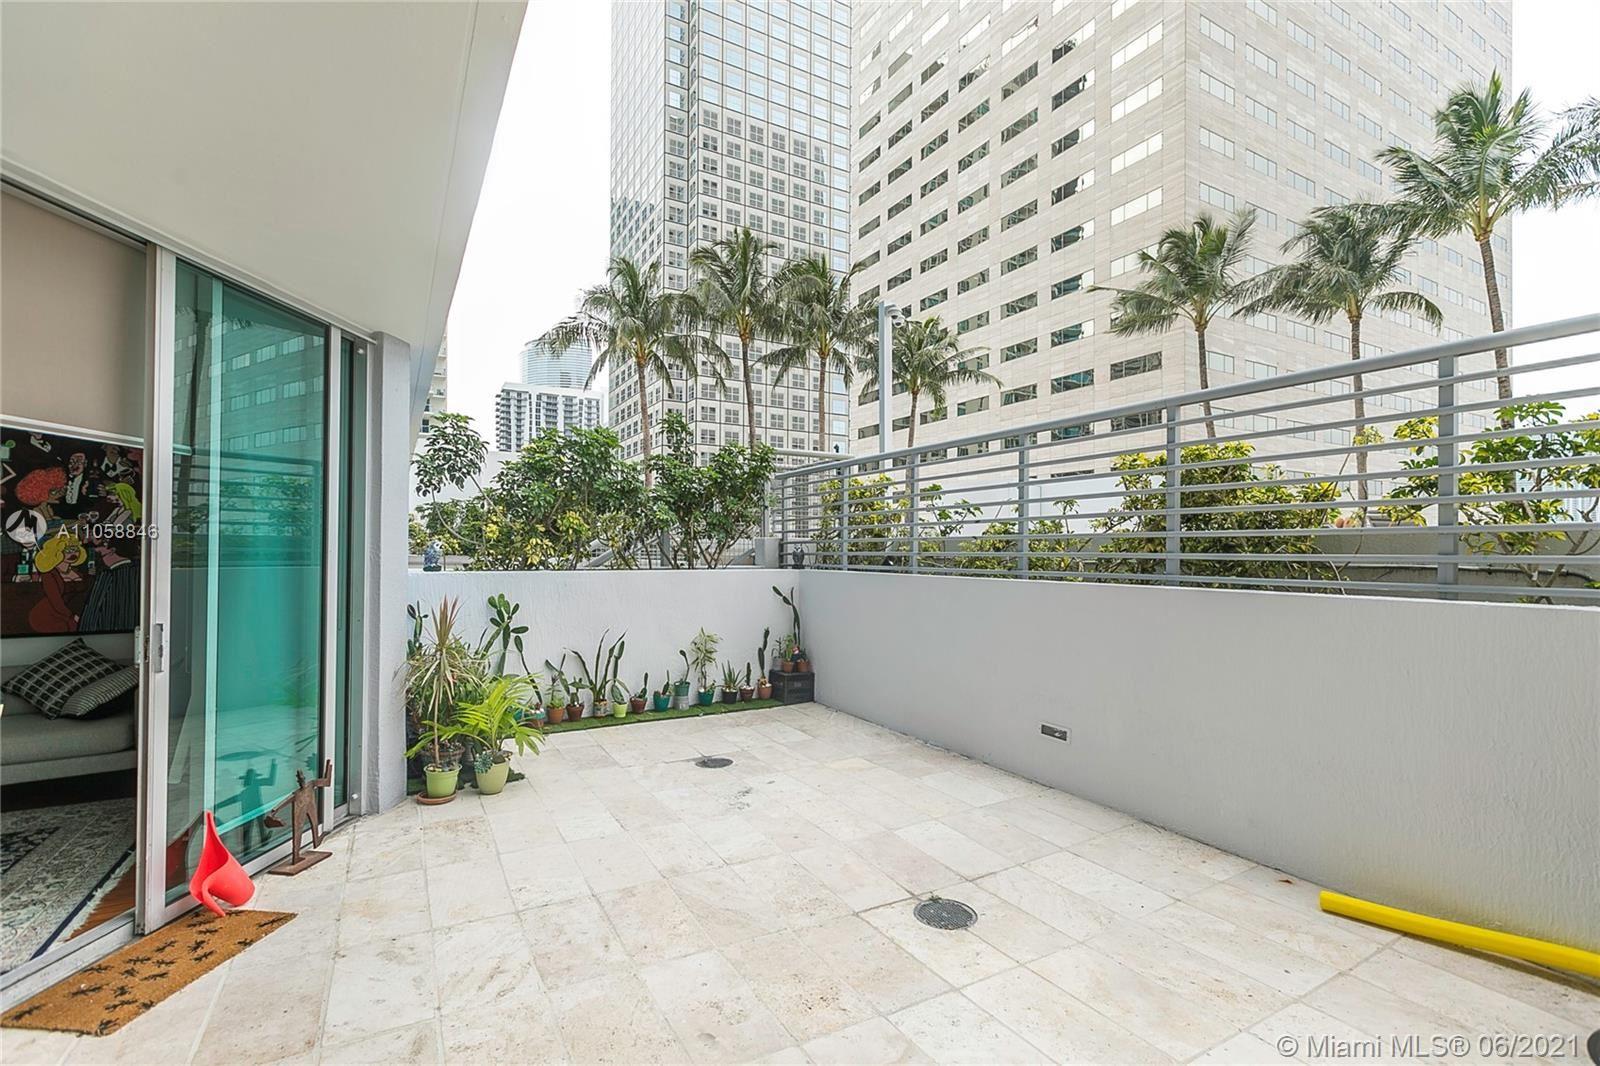 325 S Biscayne Blvd #1118, Miami, FL 33131 - #: A11058846